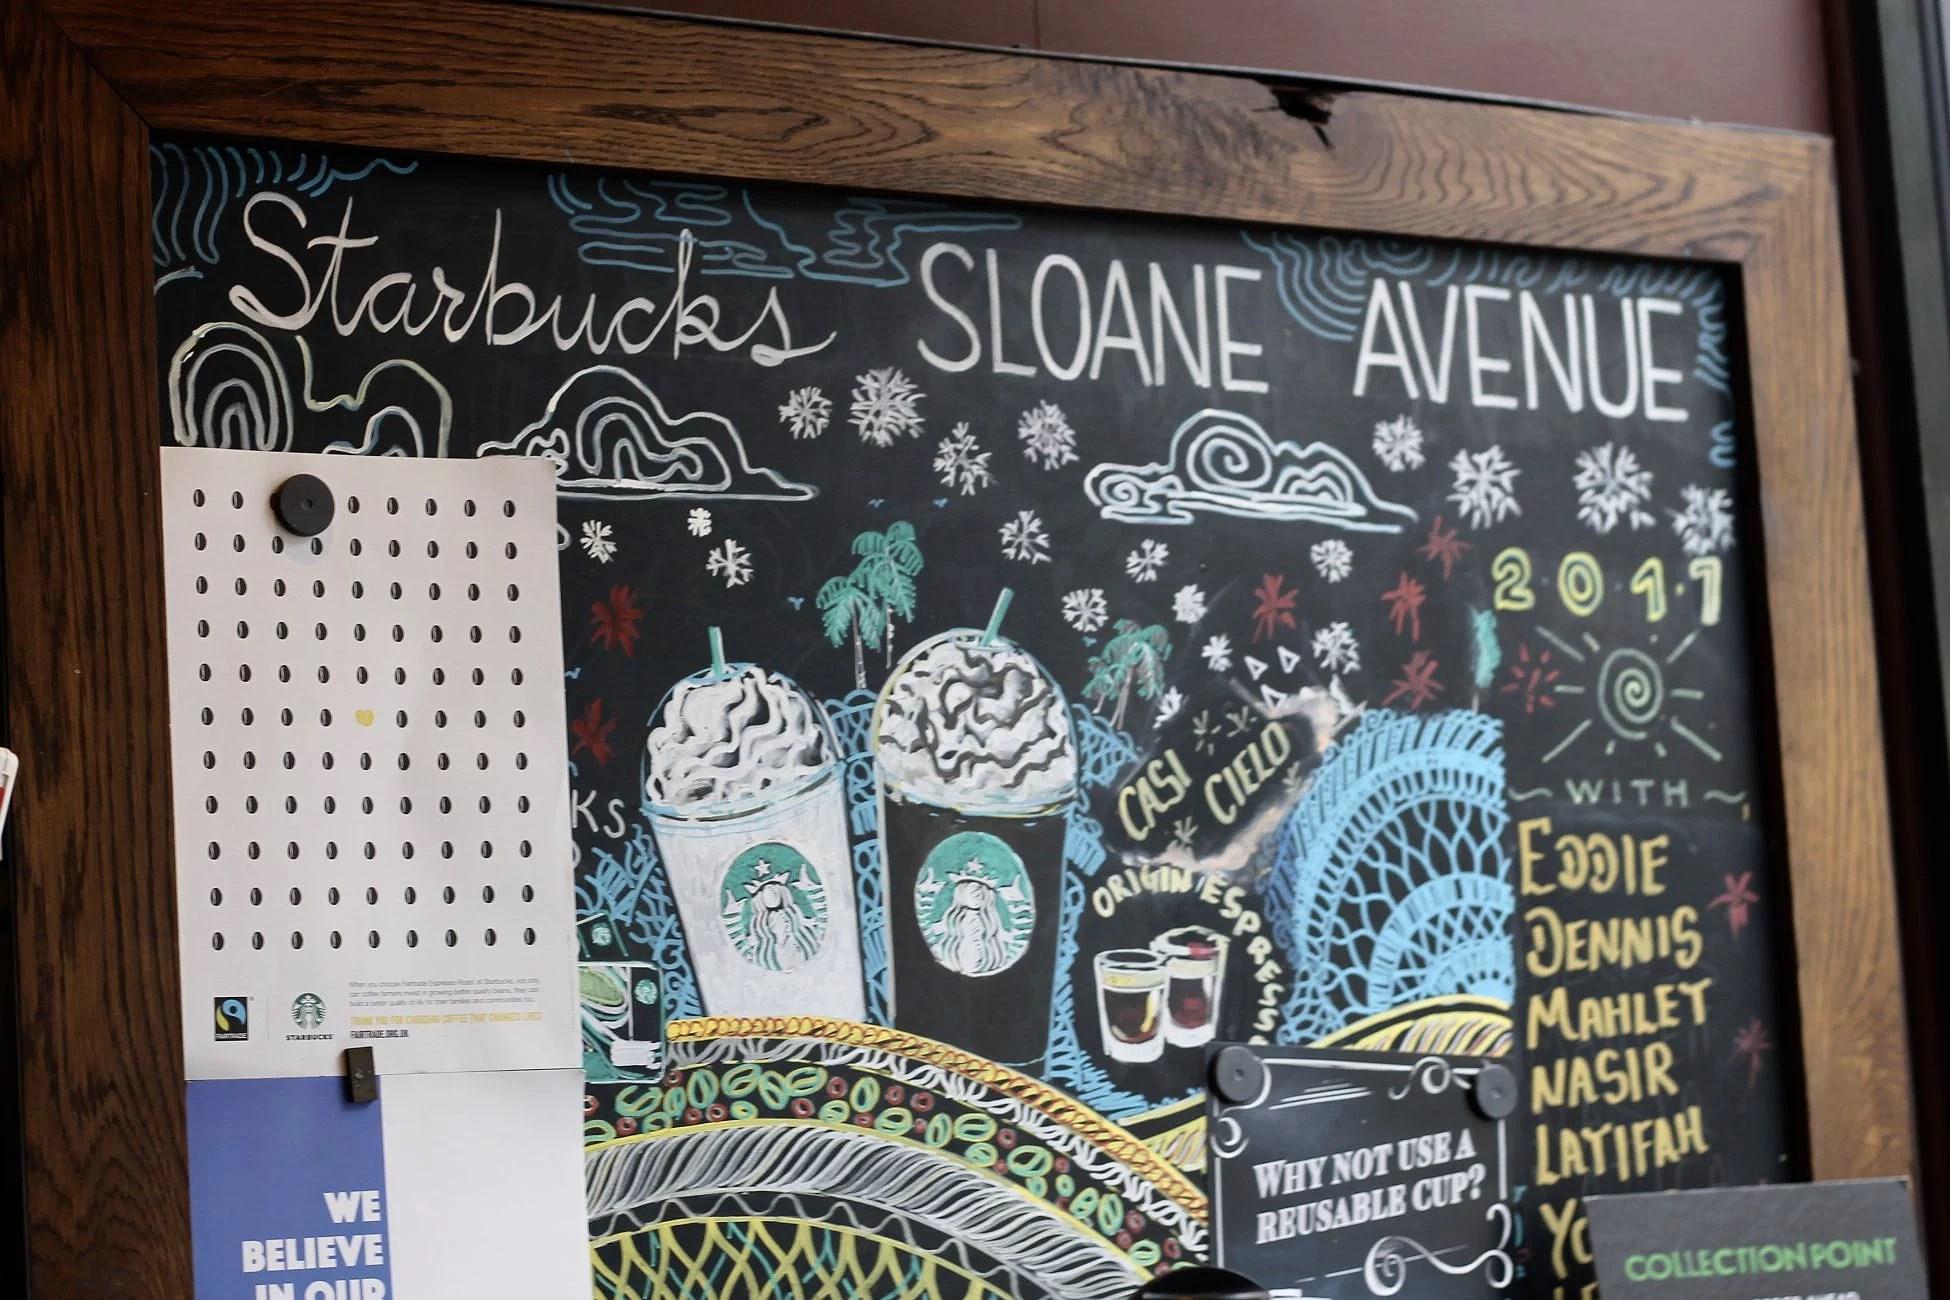 Starbucks Sloane Avenue